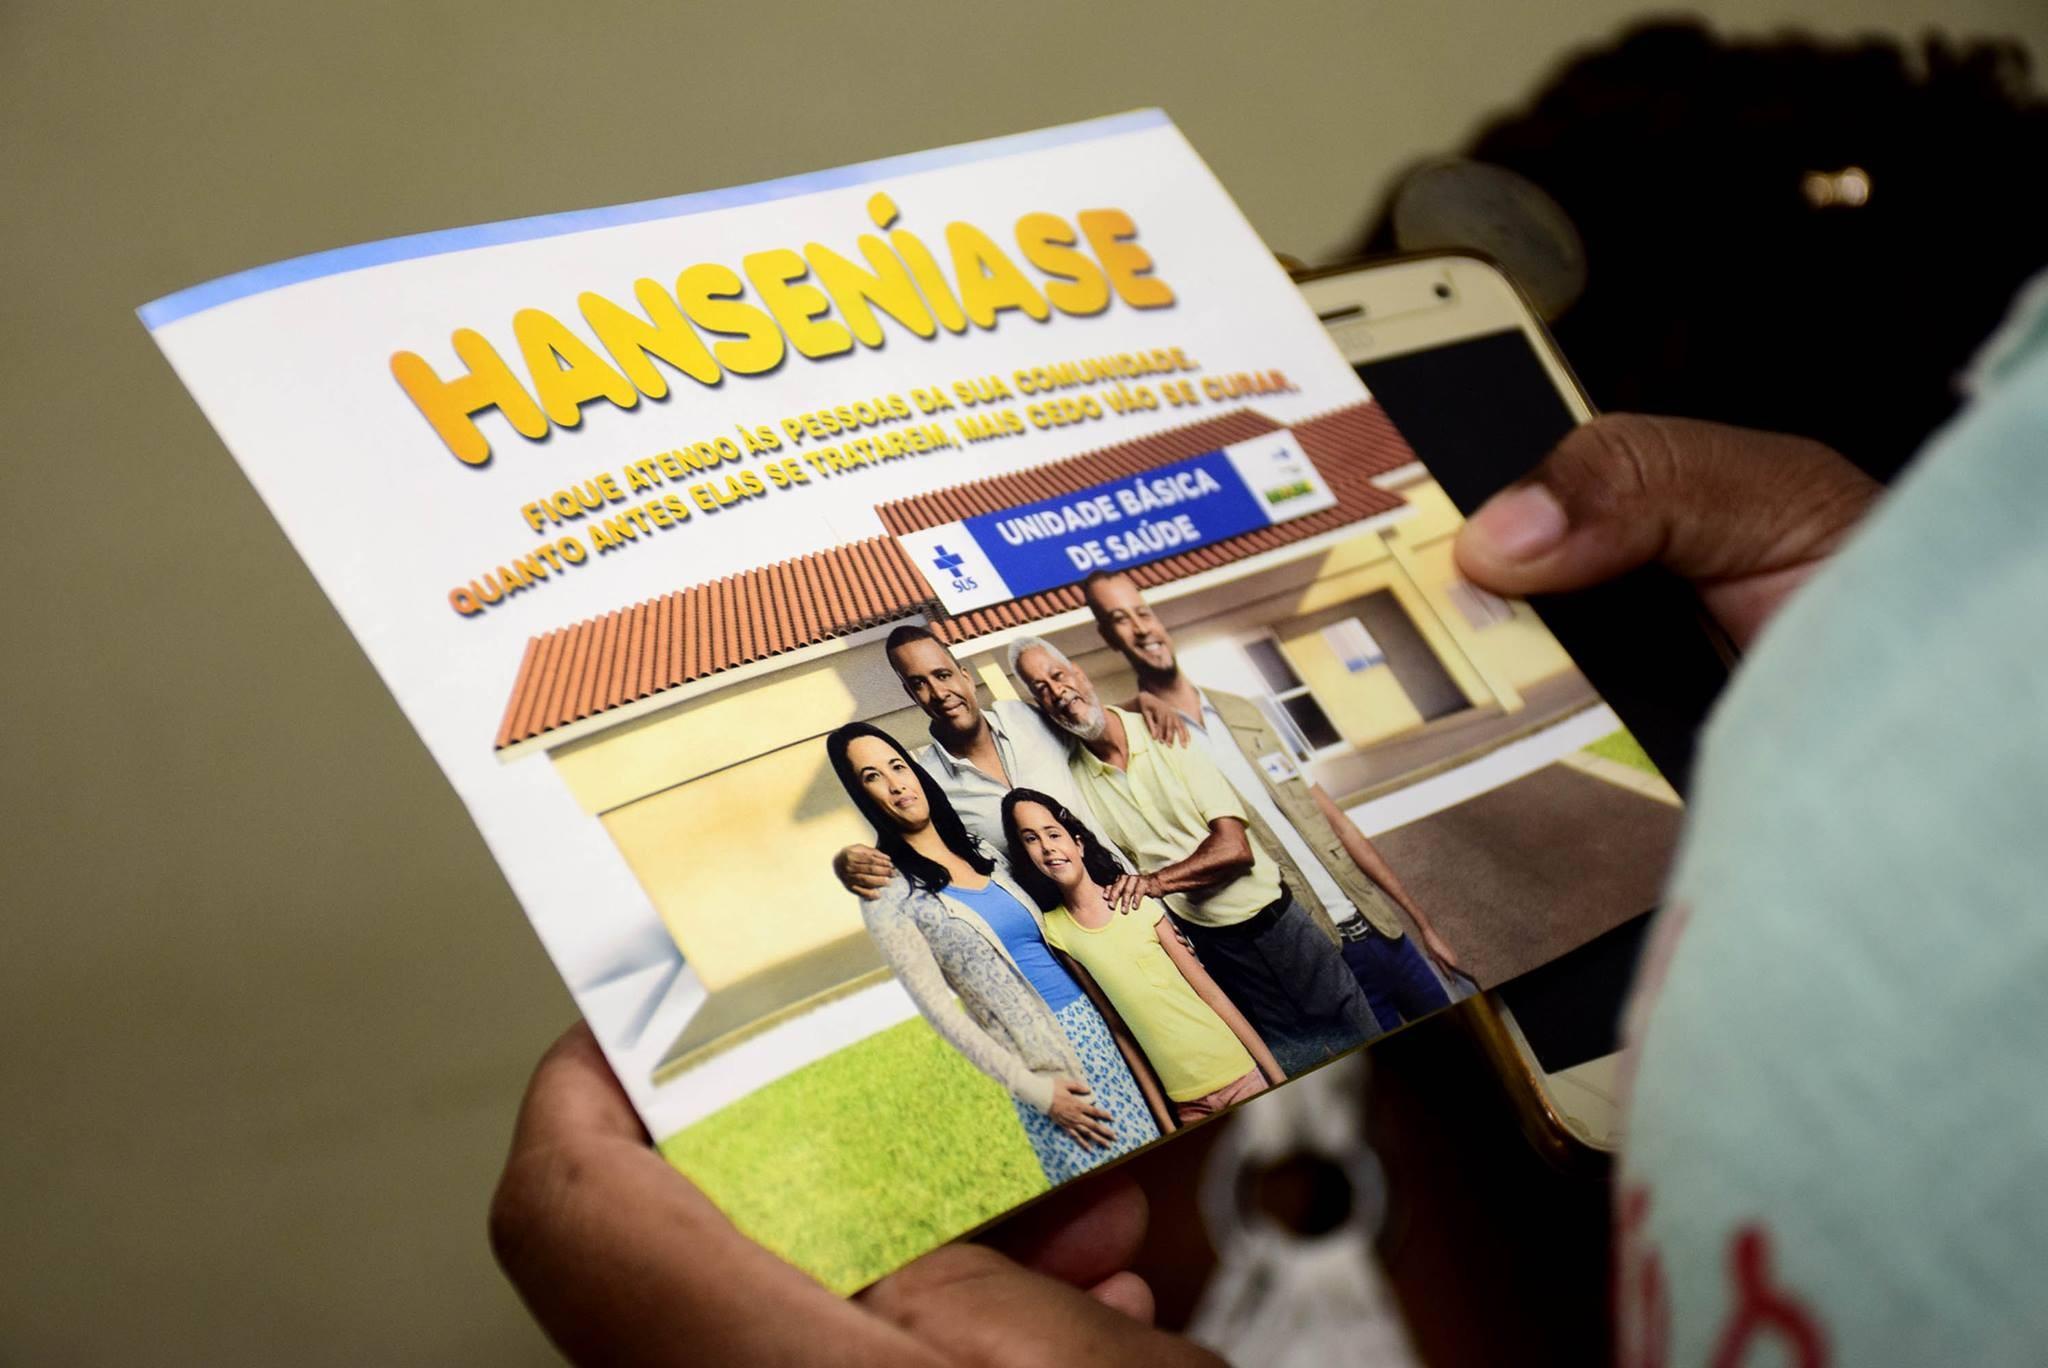 Pesquisadores brasileiros detectam hanseníase resistente ao tratamento padrão no Pará